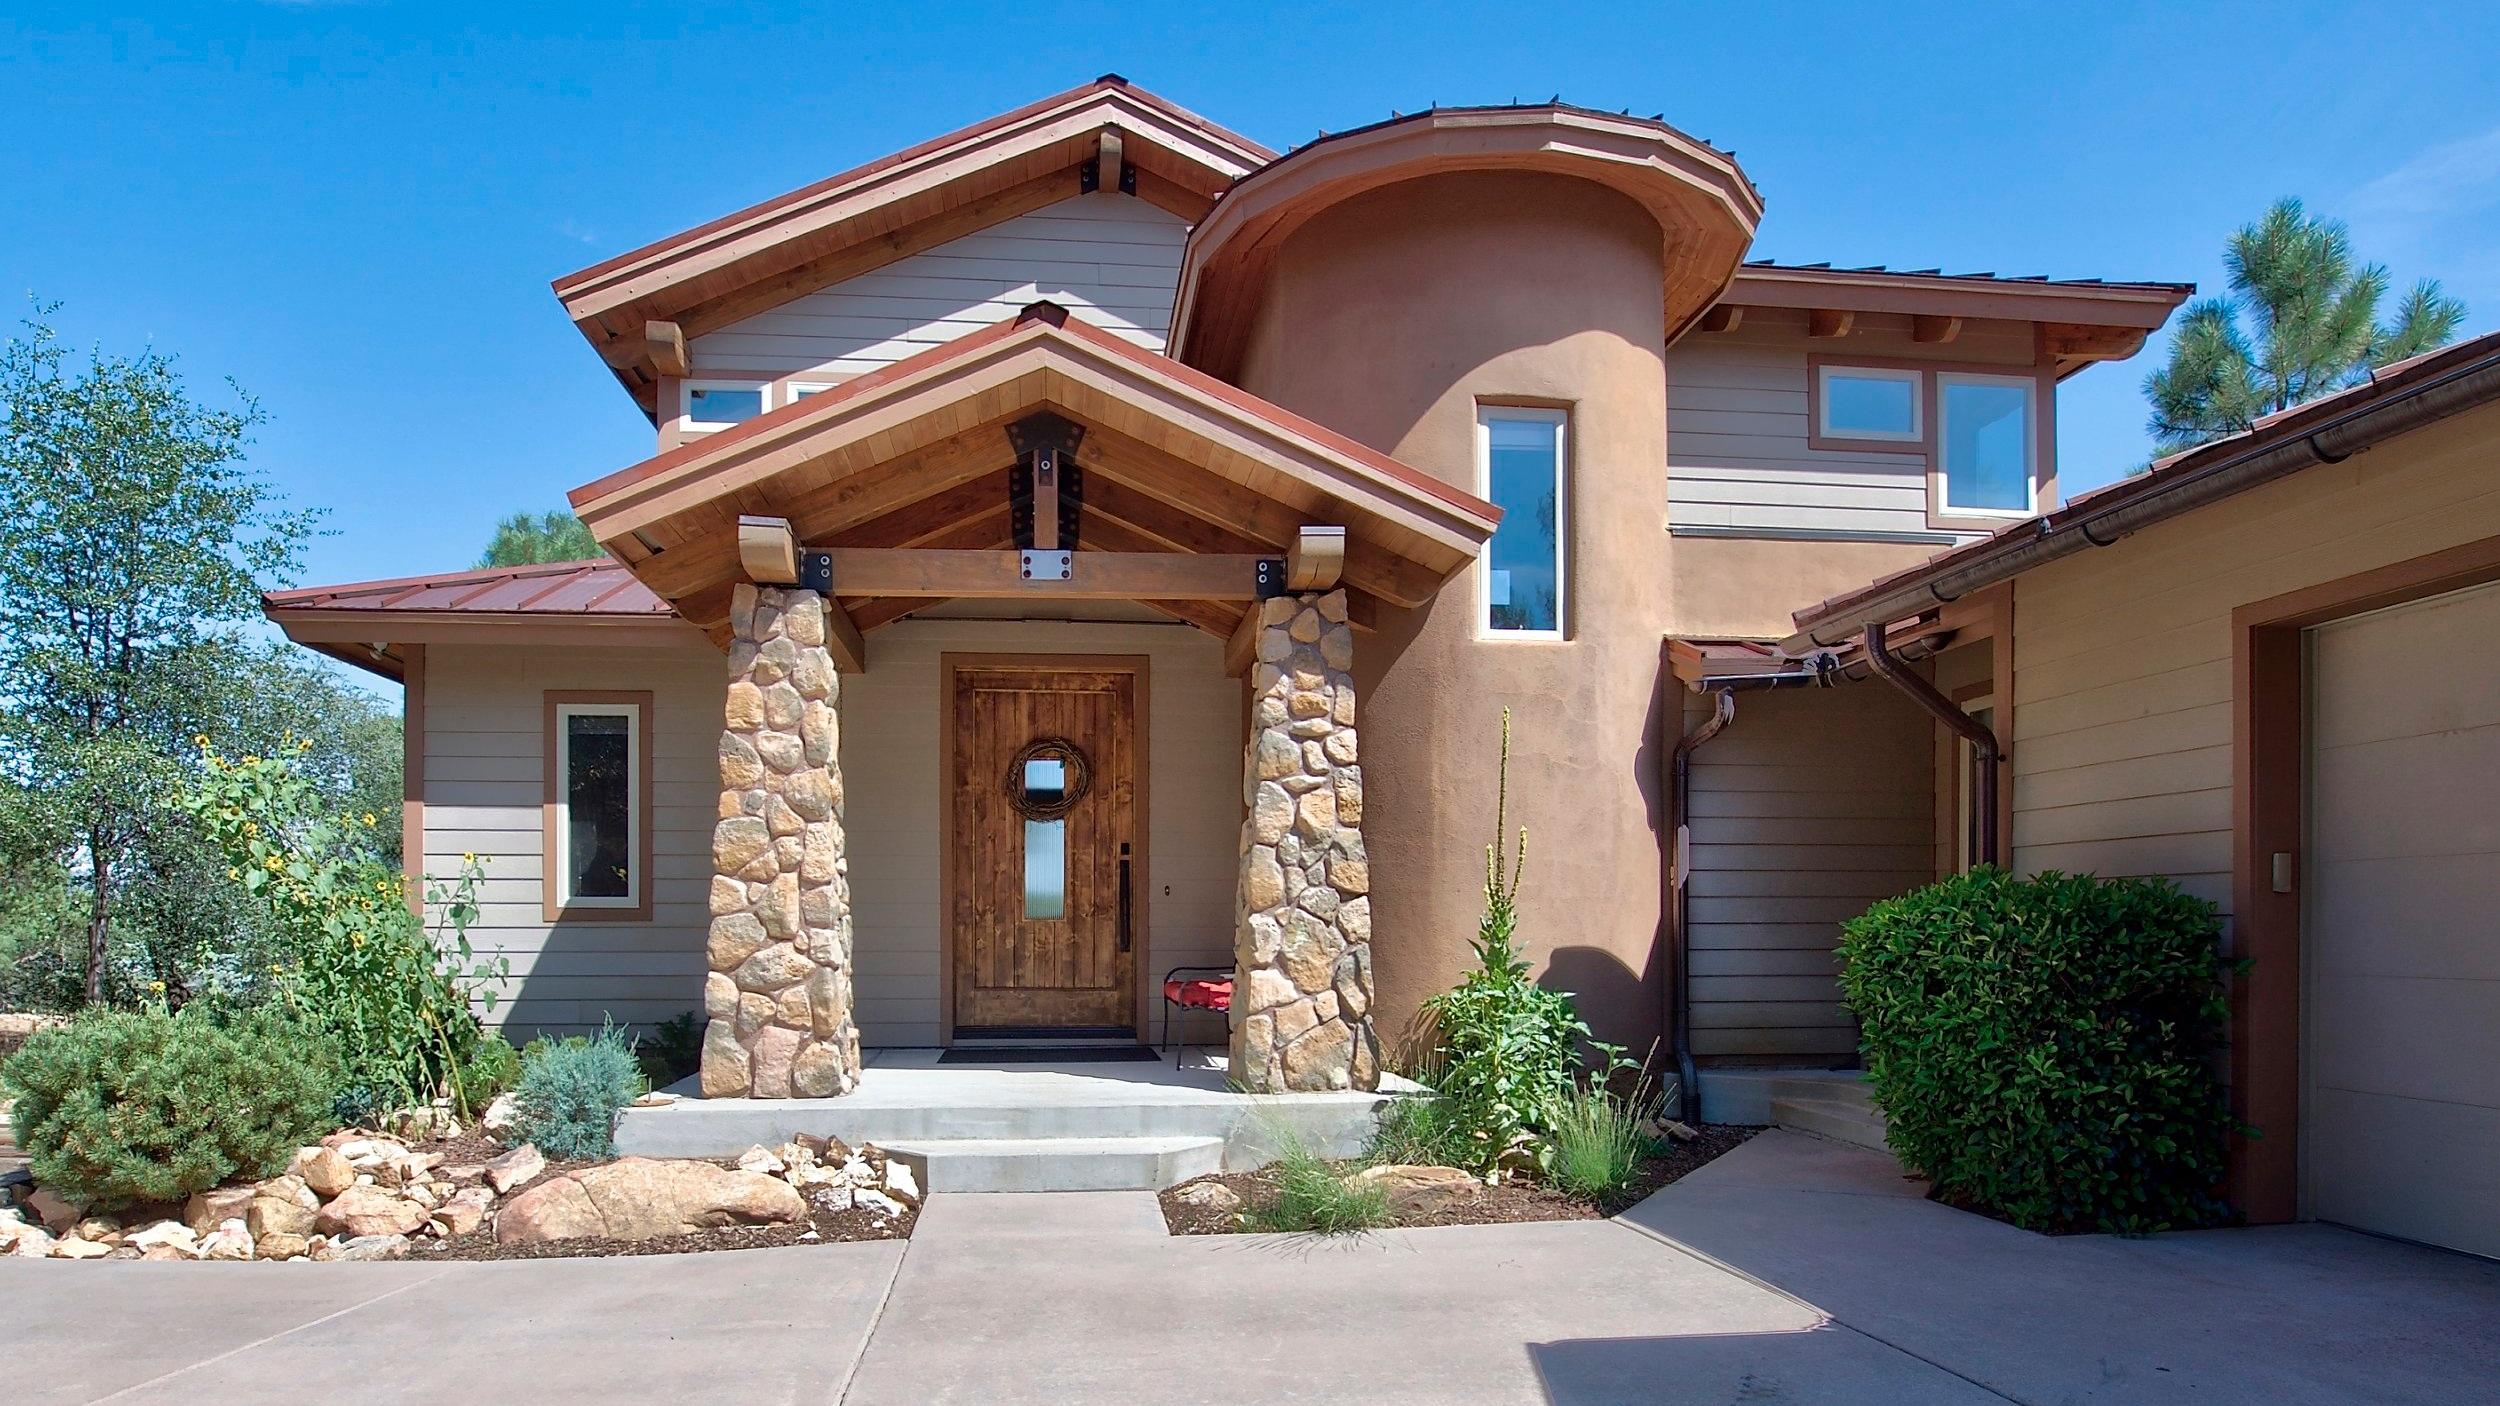 Prescott.  3500 sq ft . -  $850,000